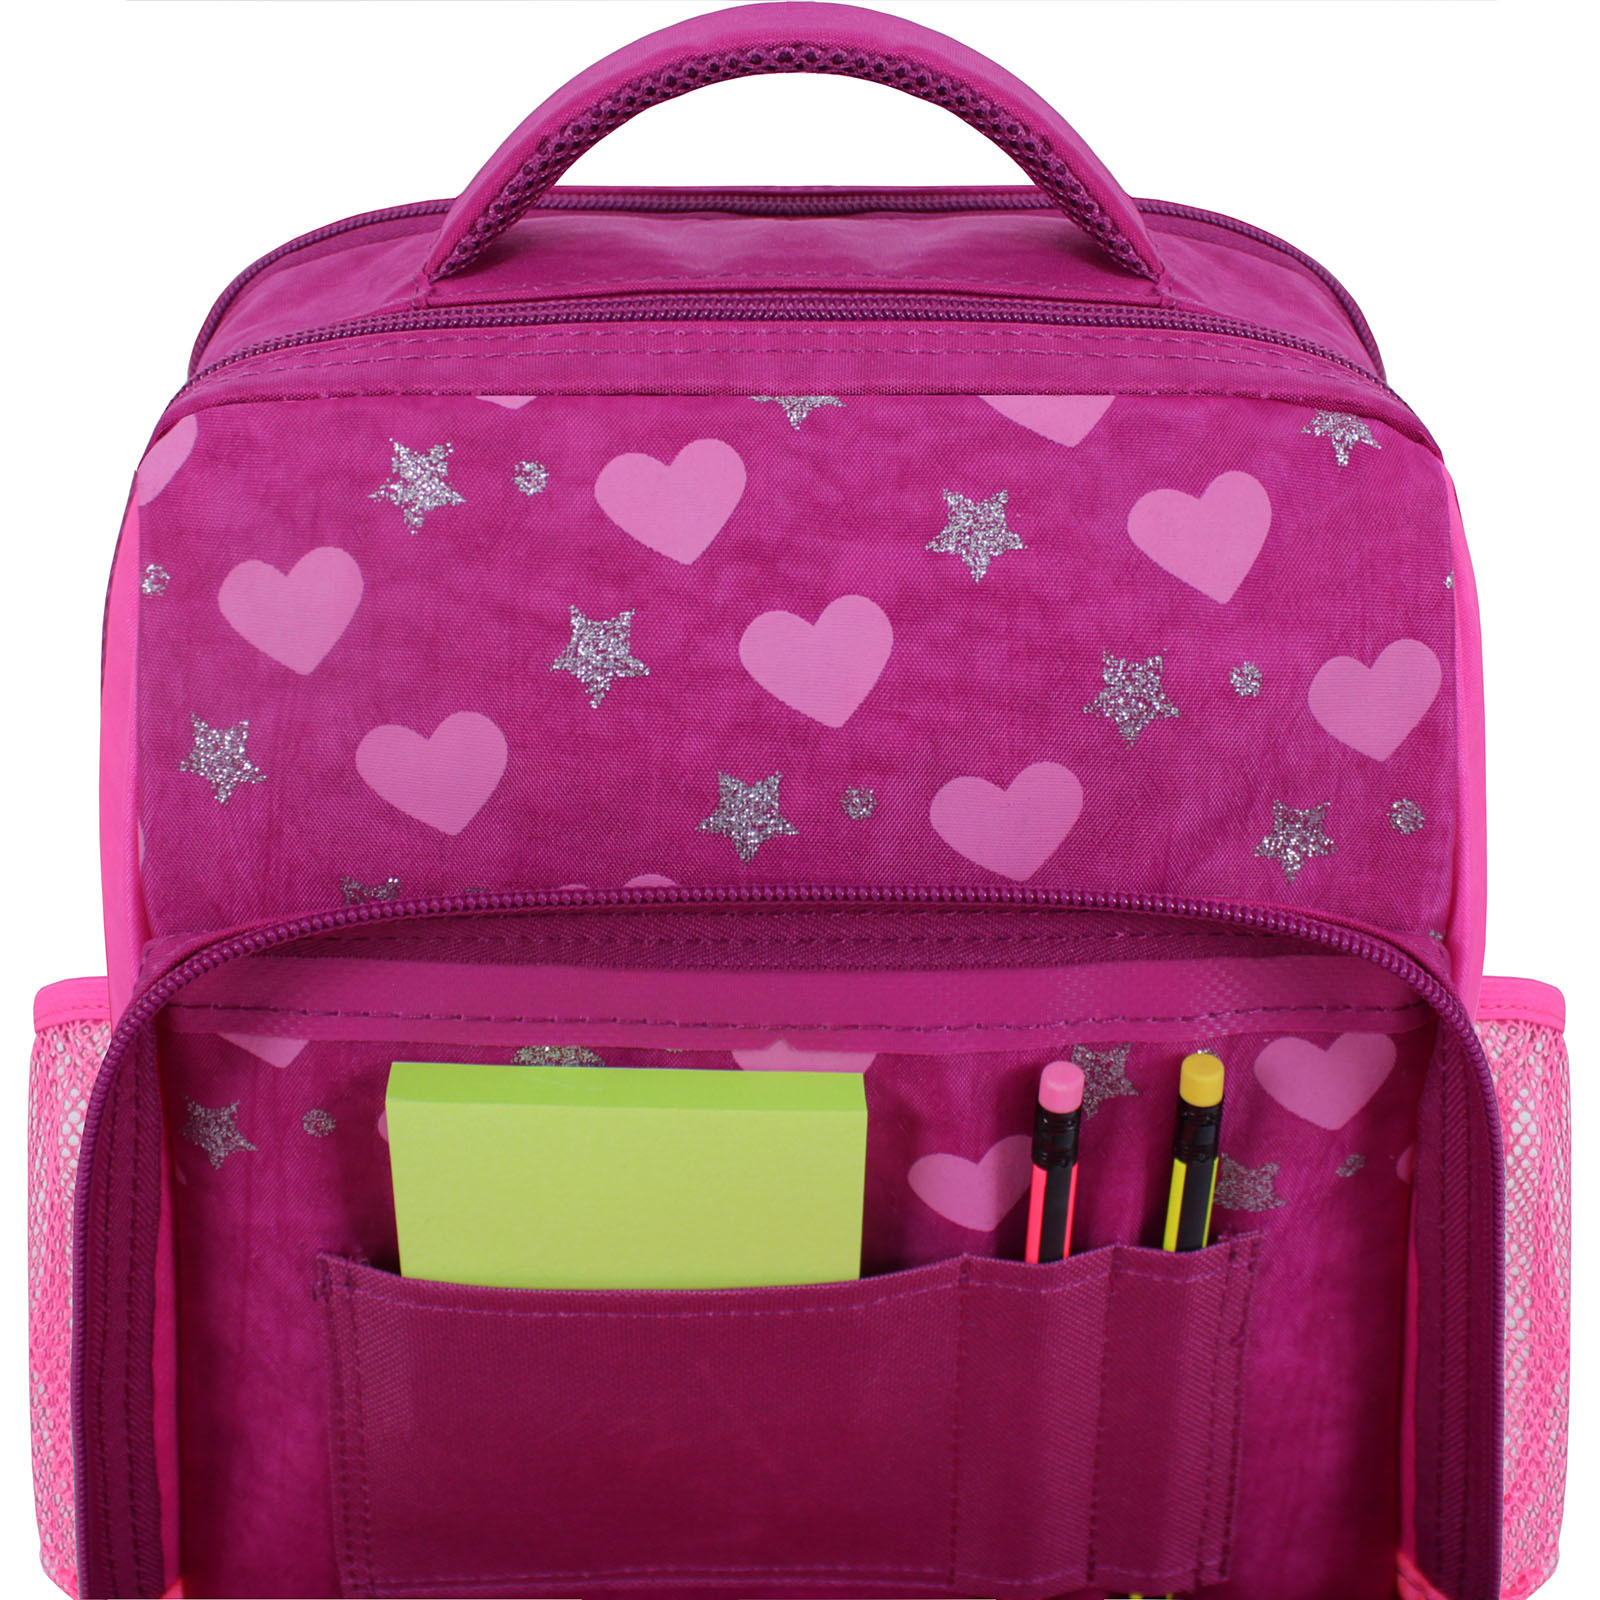 Рюкзак школьный Bagland Школьник 8 л. 143 малиновый 504 (0012870) фото 4